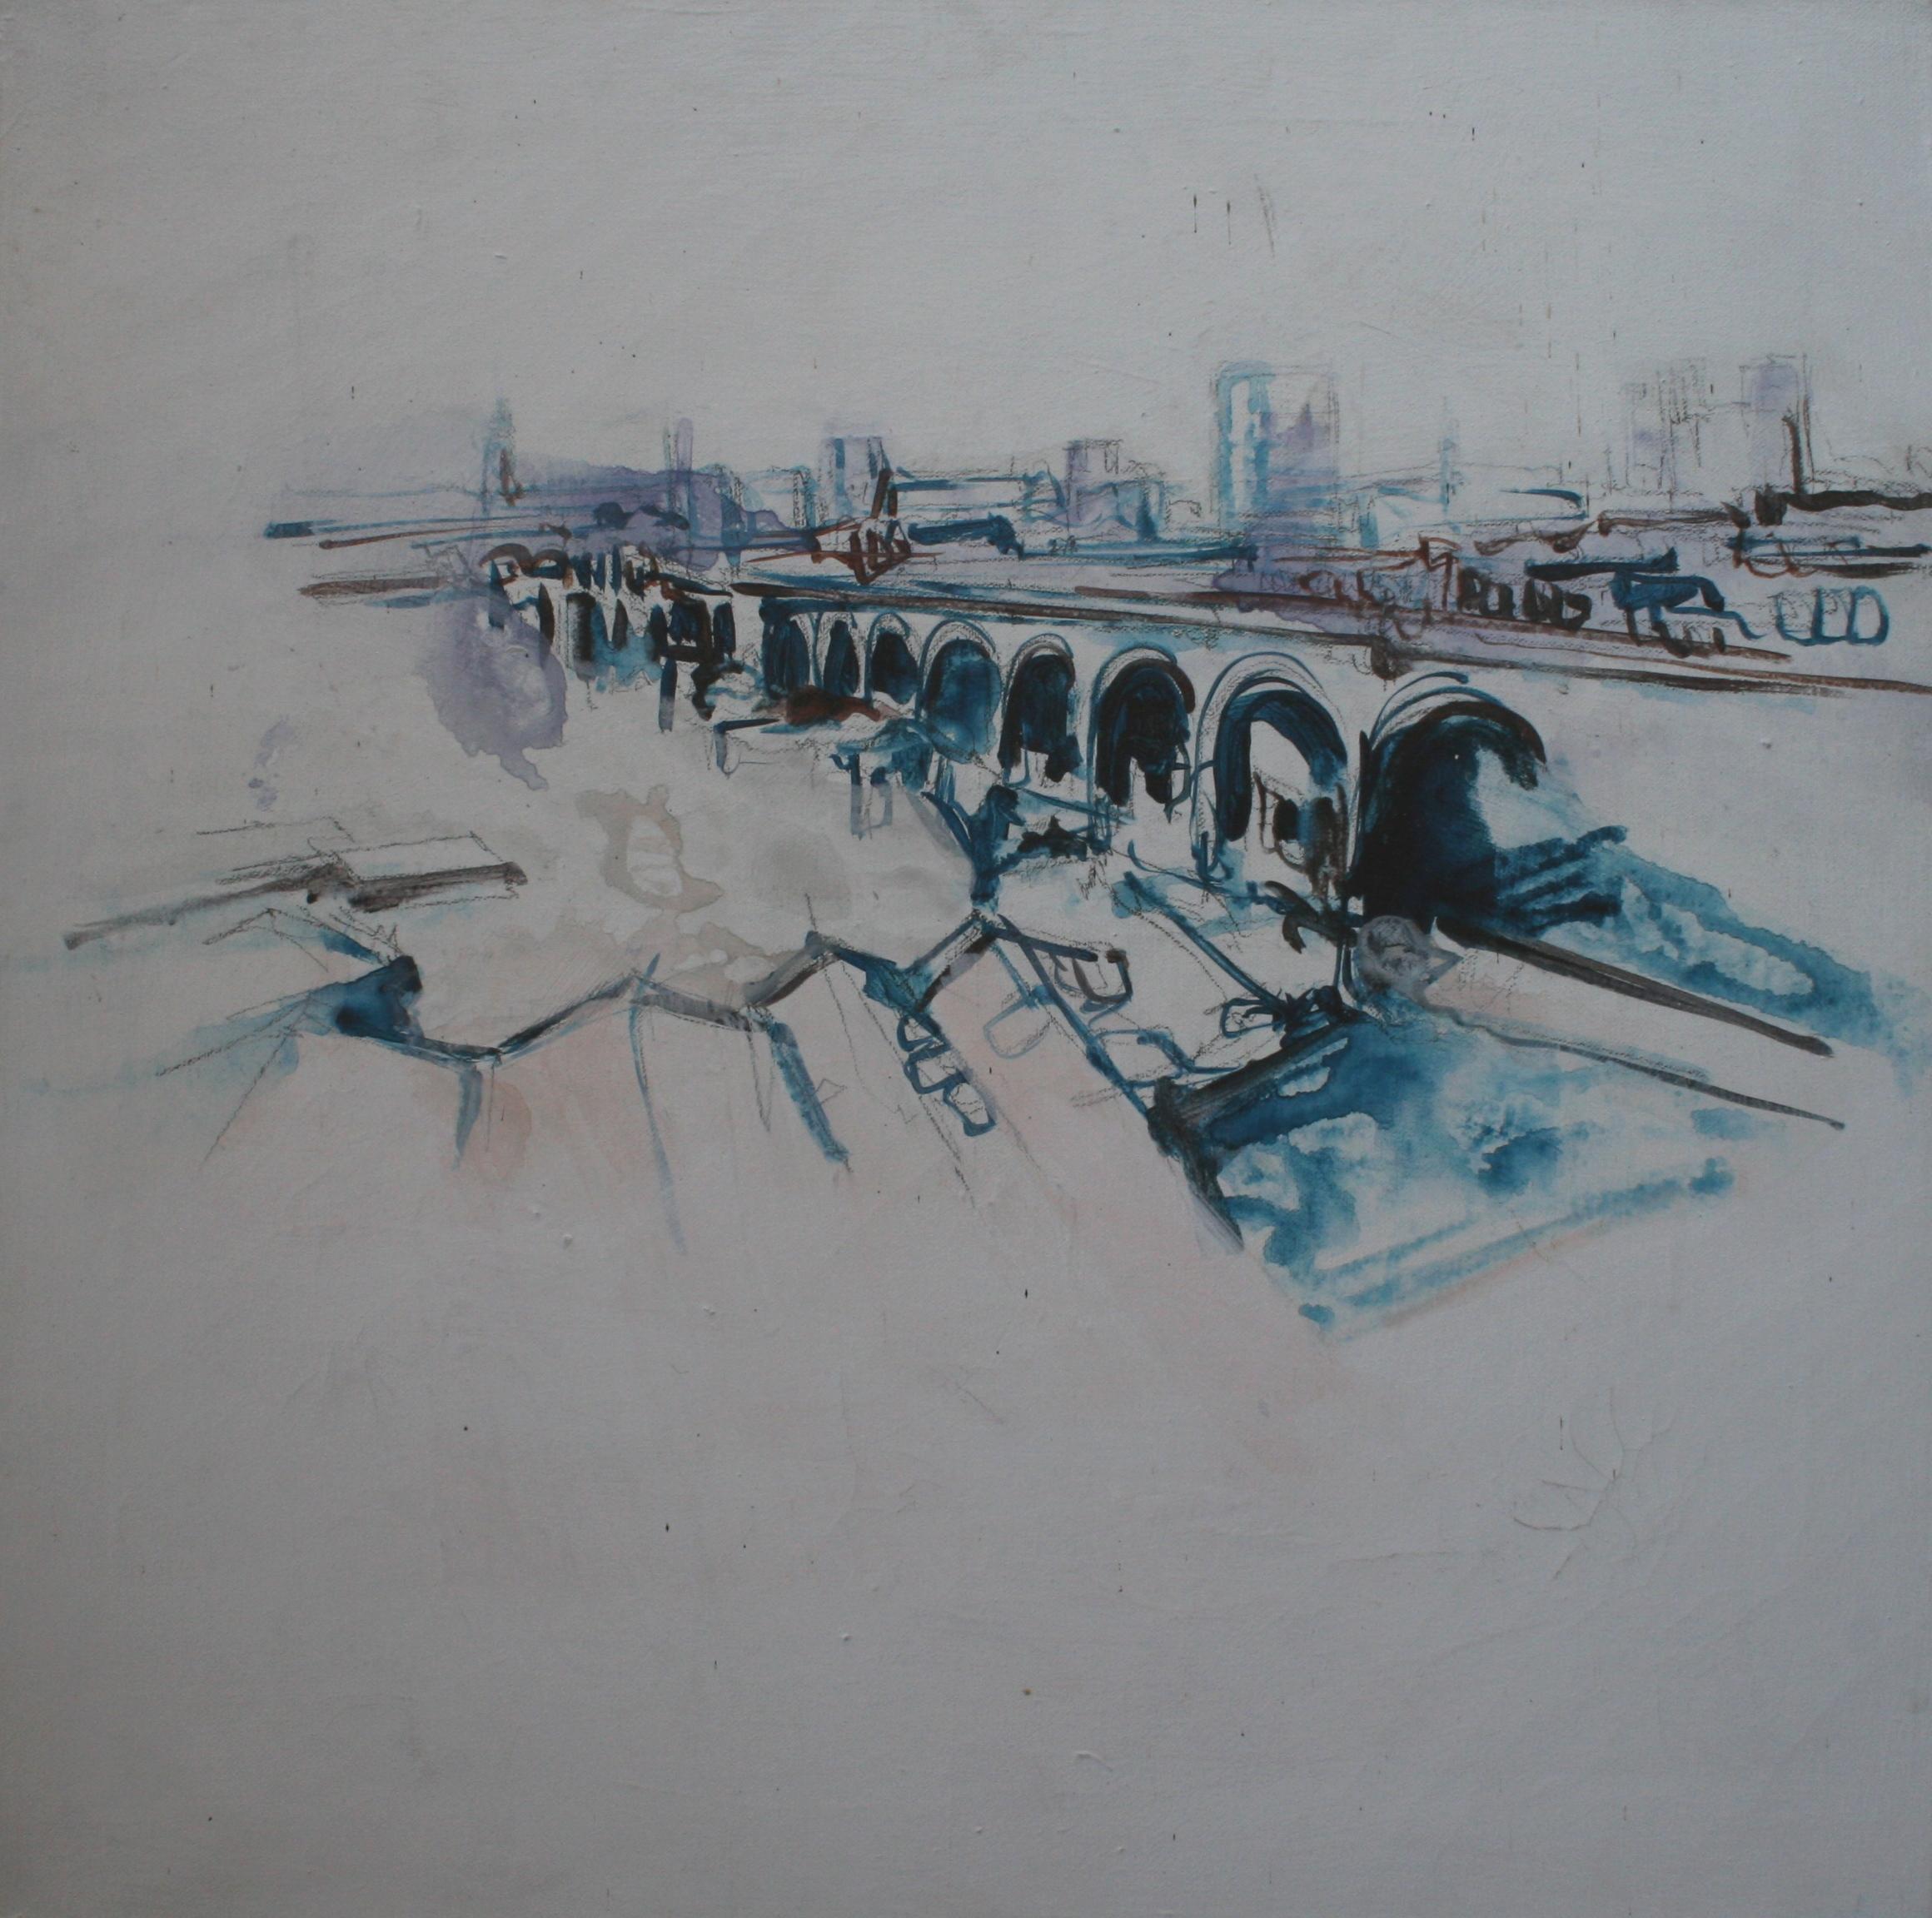 digbeth, acrylic on canvas, 61 x 61cm, 2000